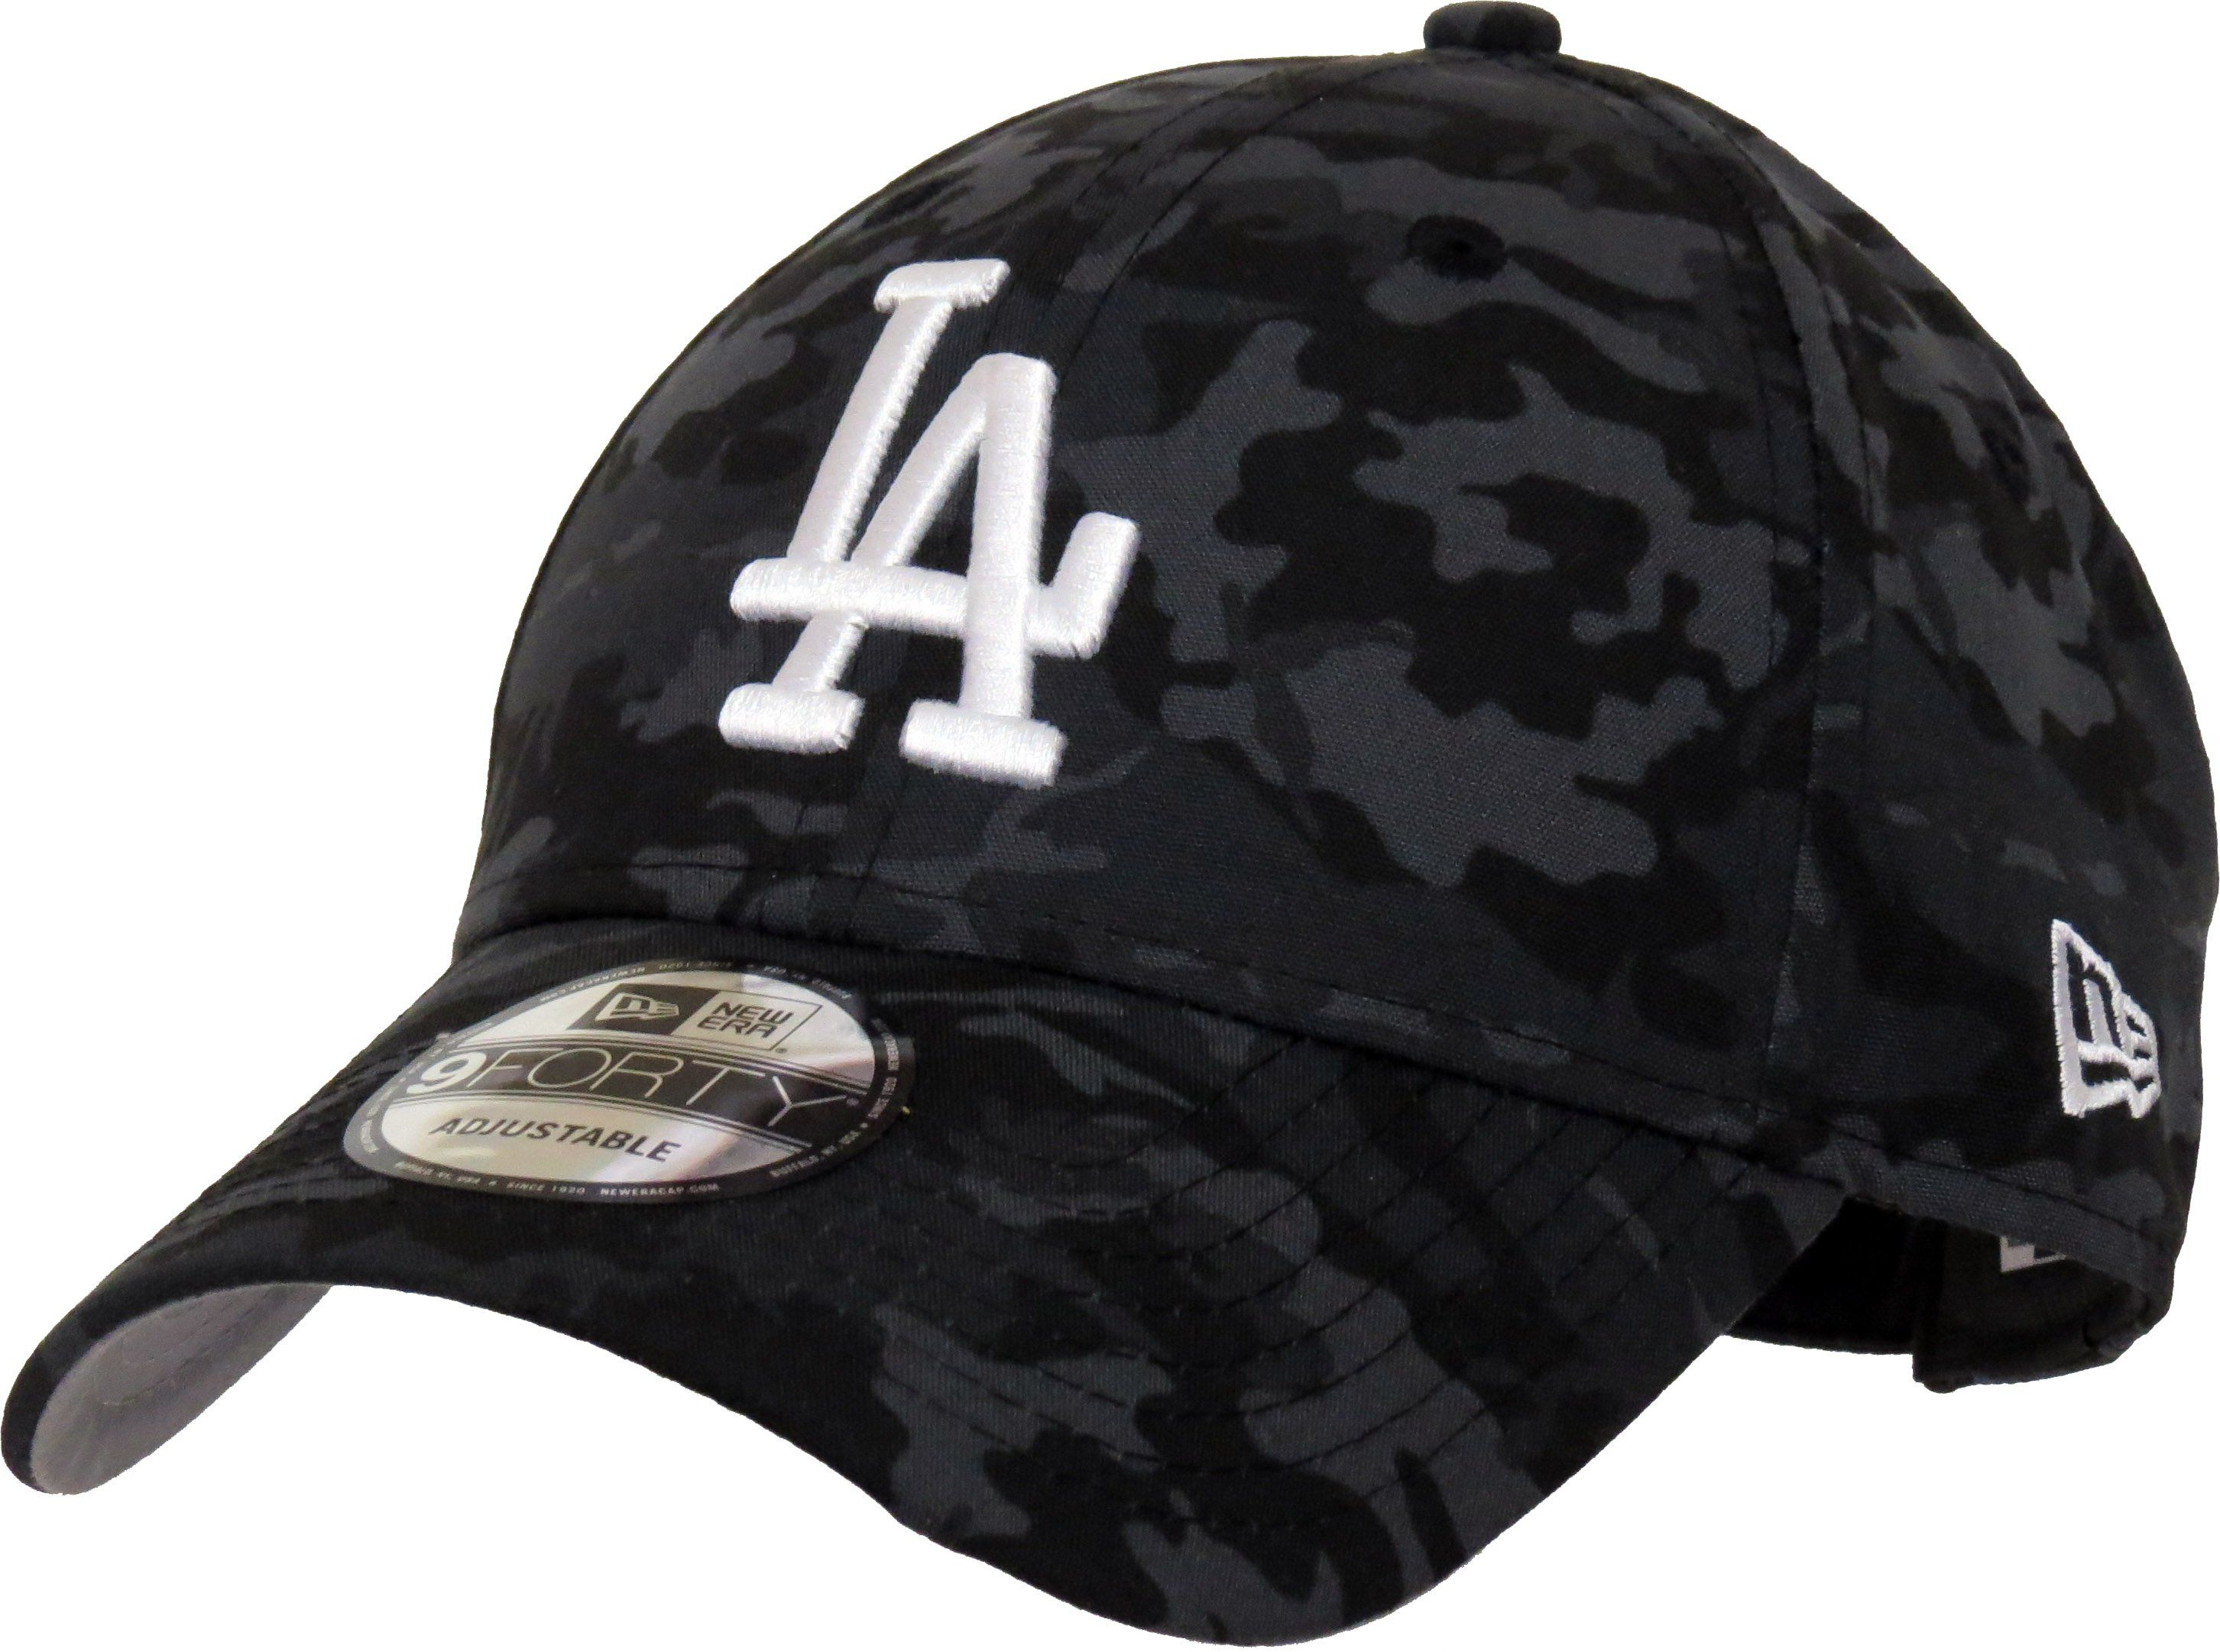 9f047d1d989 LA Dodgers New Era 940 Camo Team Baseball Cap – lovemycap